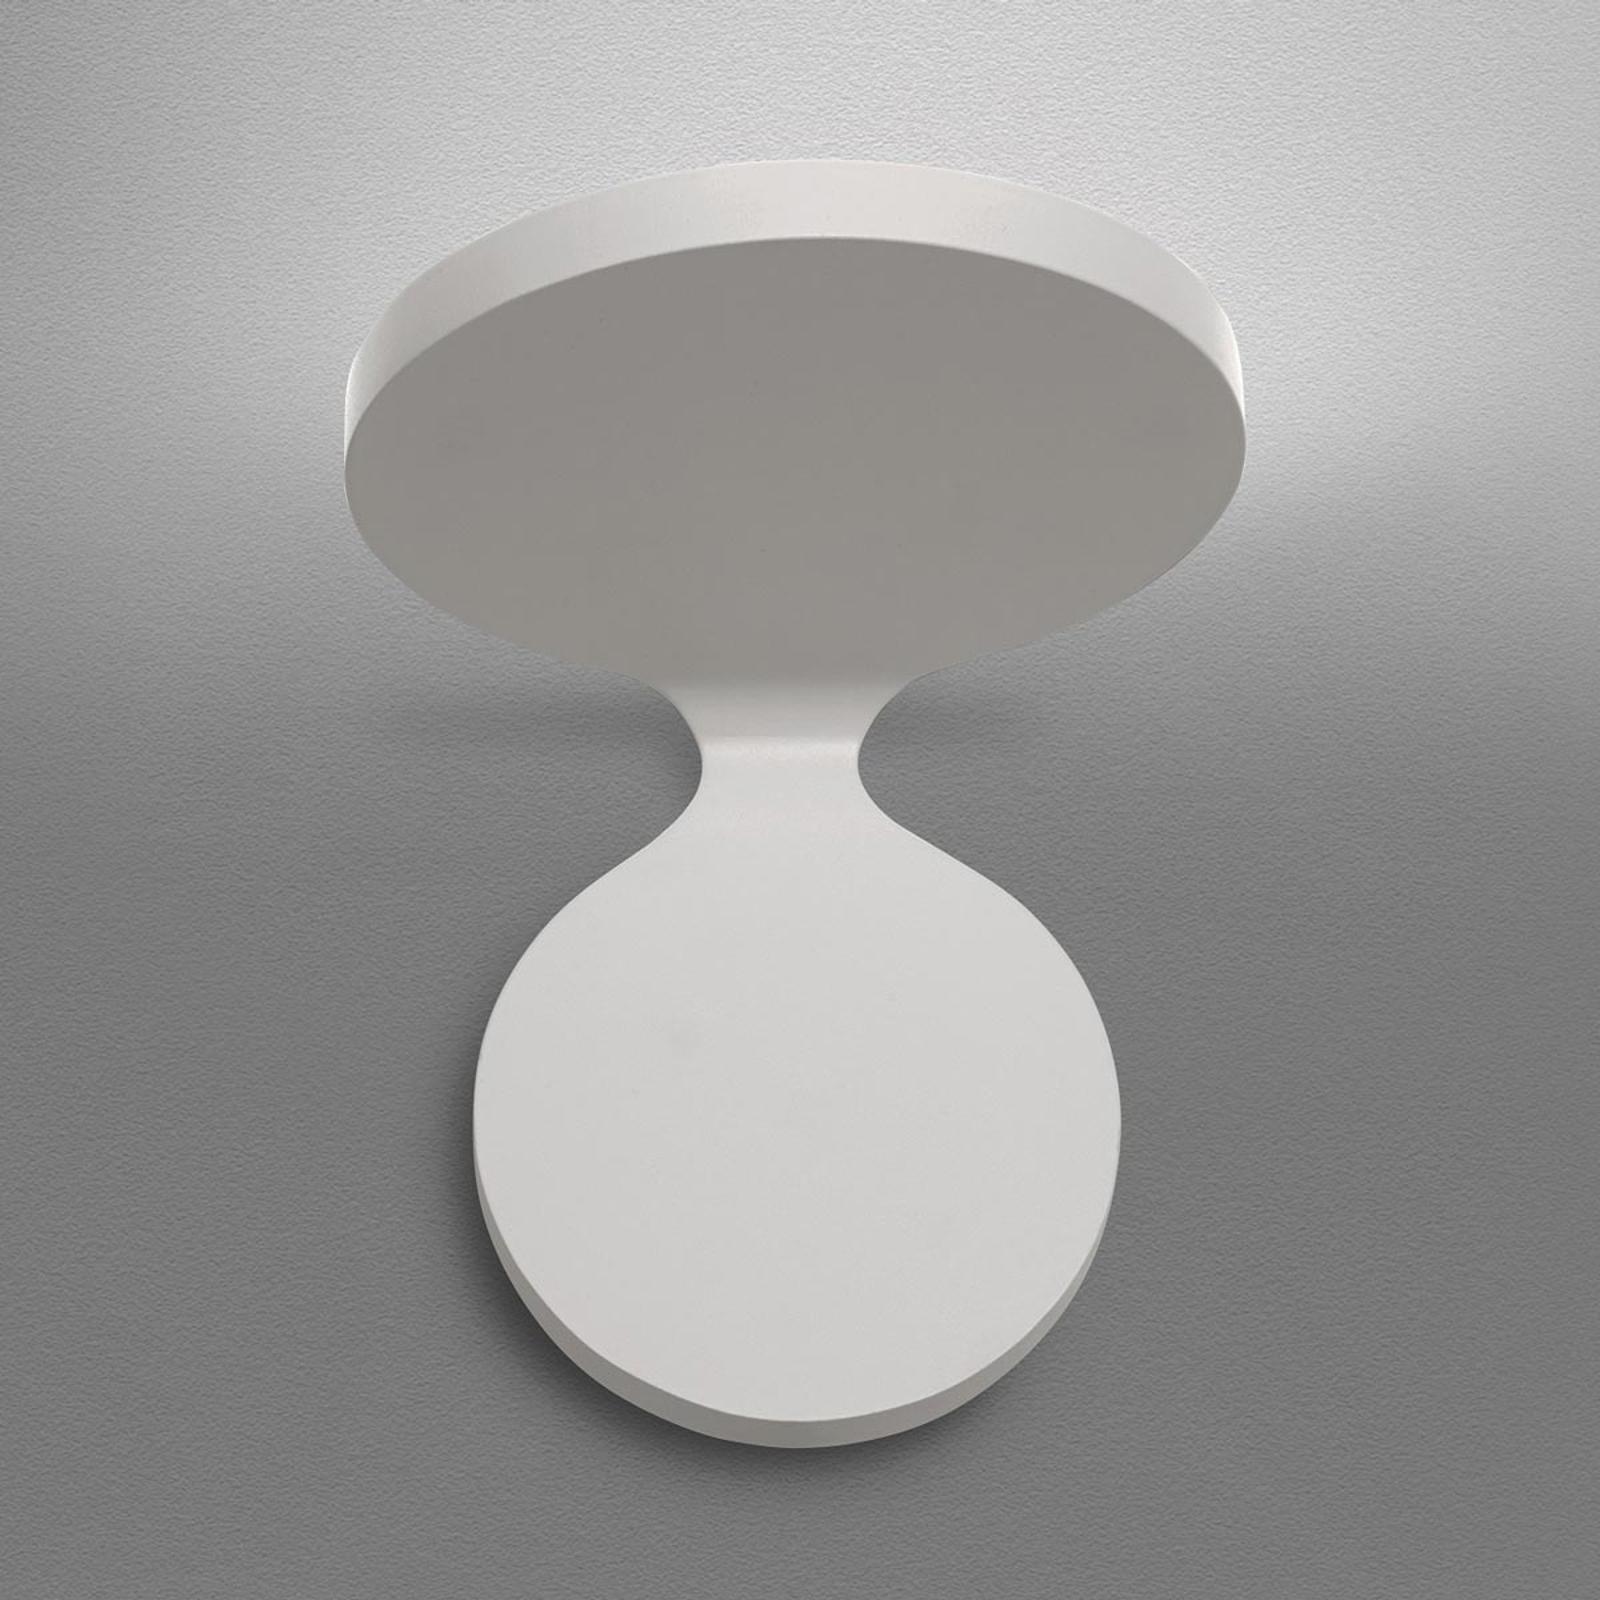 Artemide Rea 17 - LED-Wandleuchte in Weiß